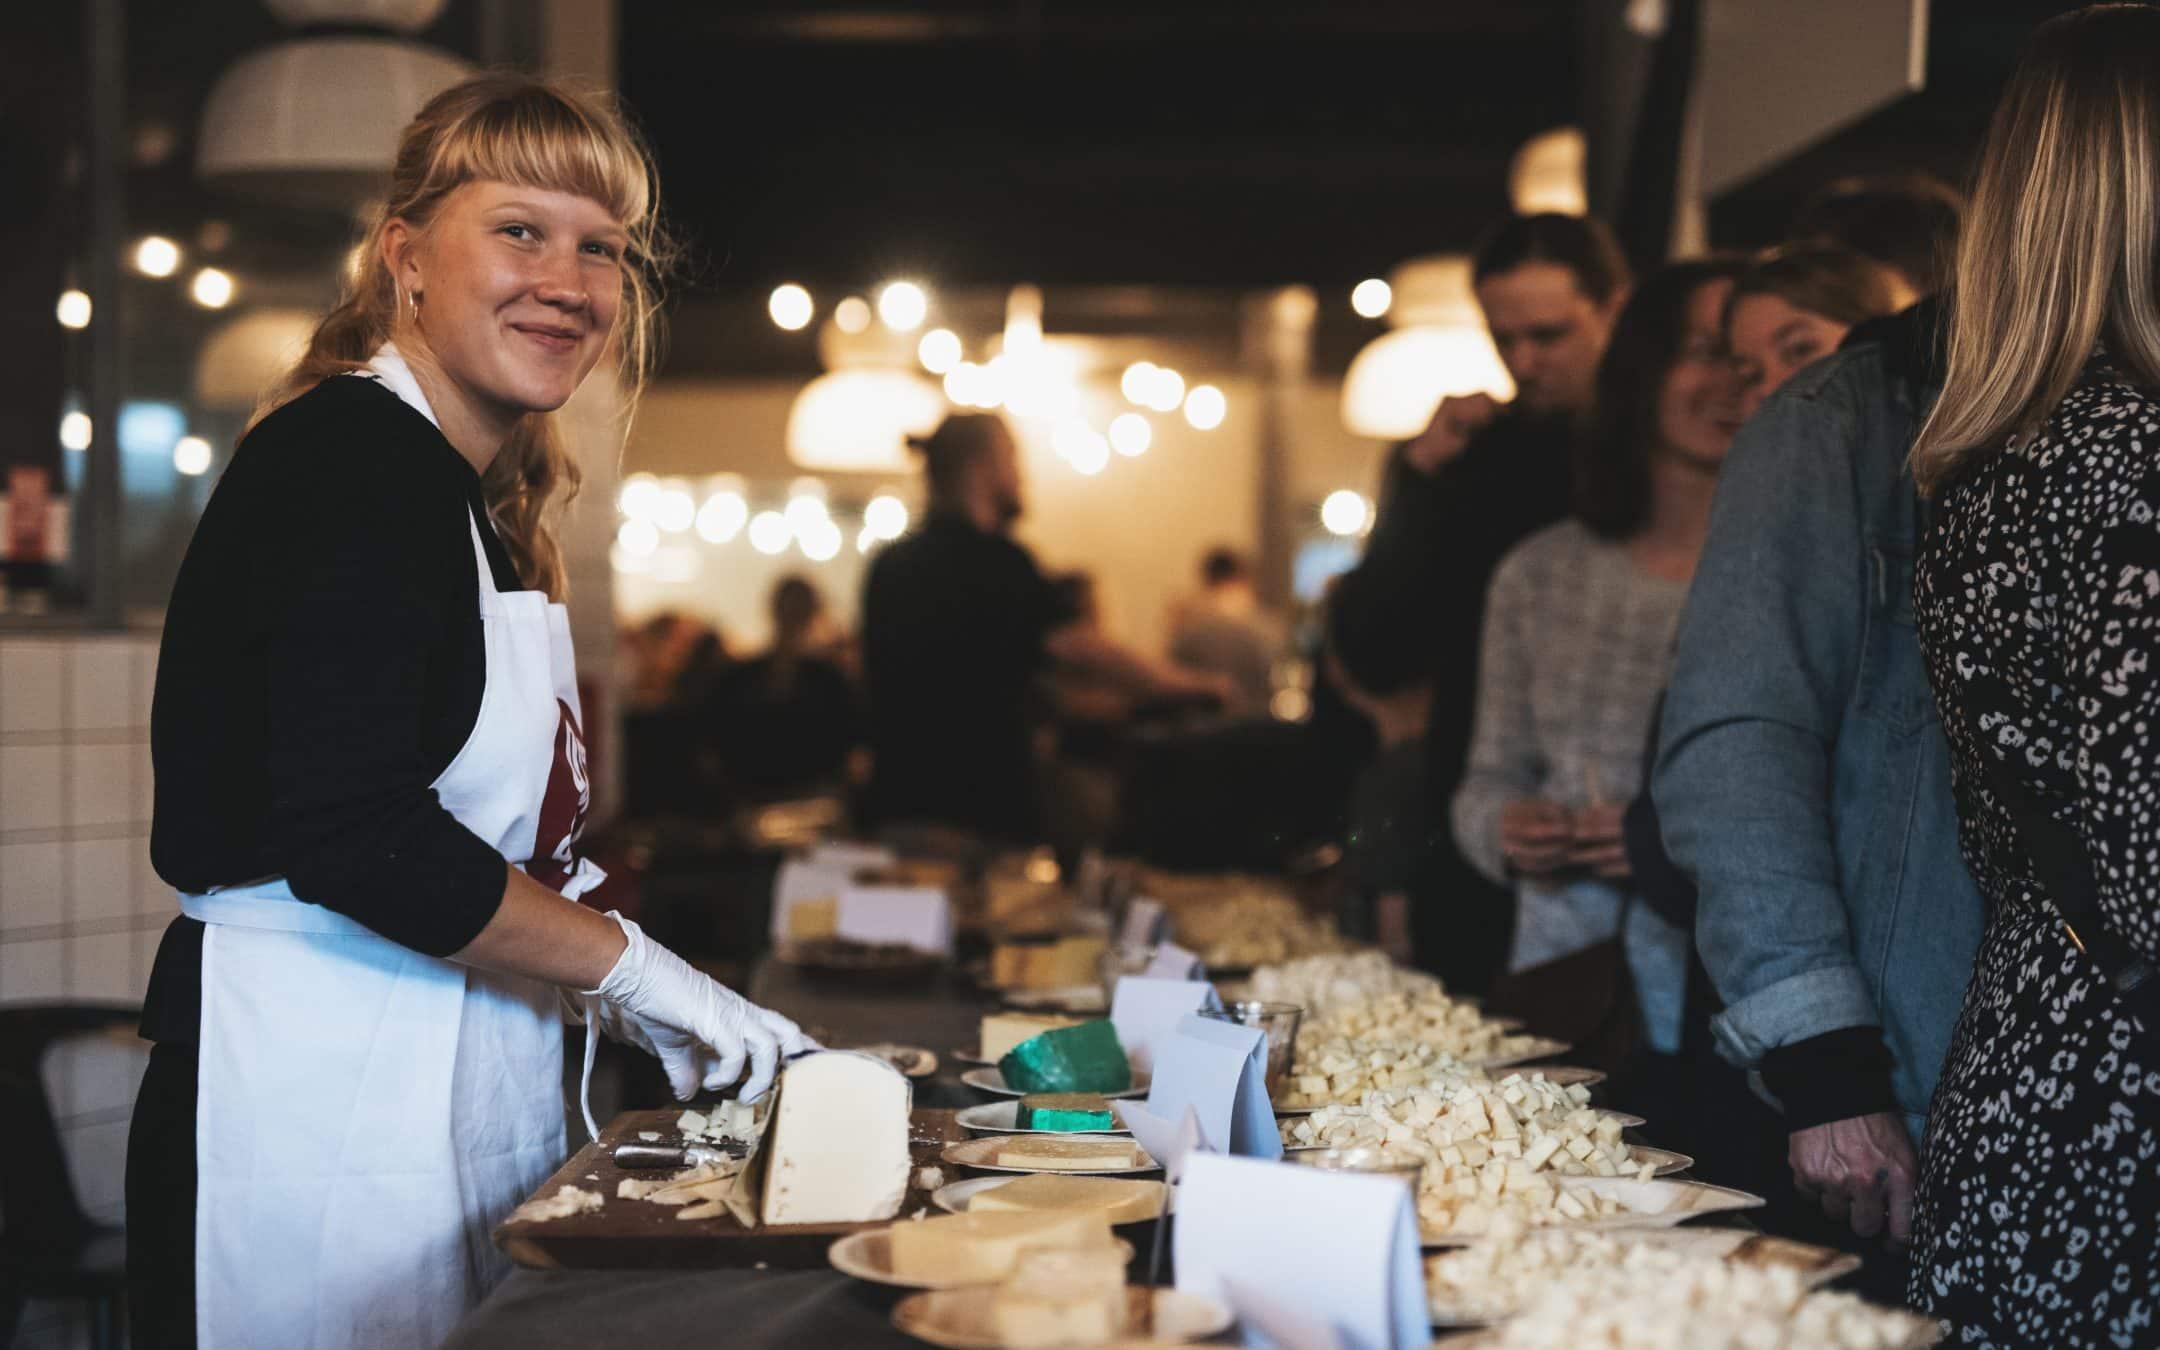 Ostefestival omdannede Kødbyen til en regulær ostefest